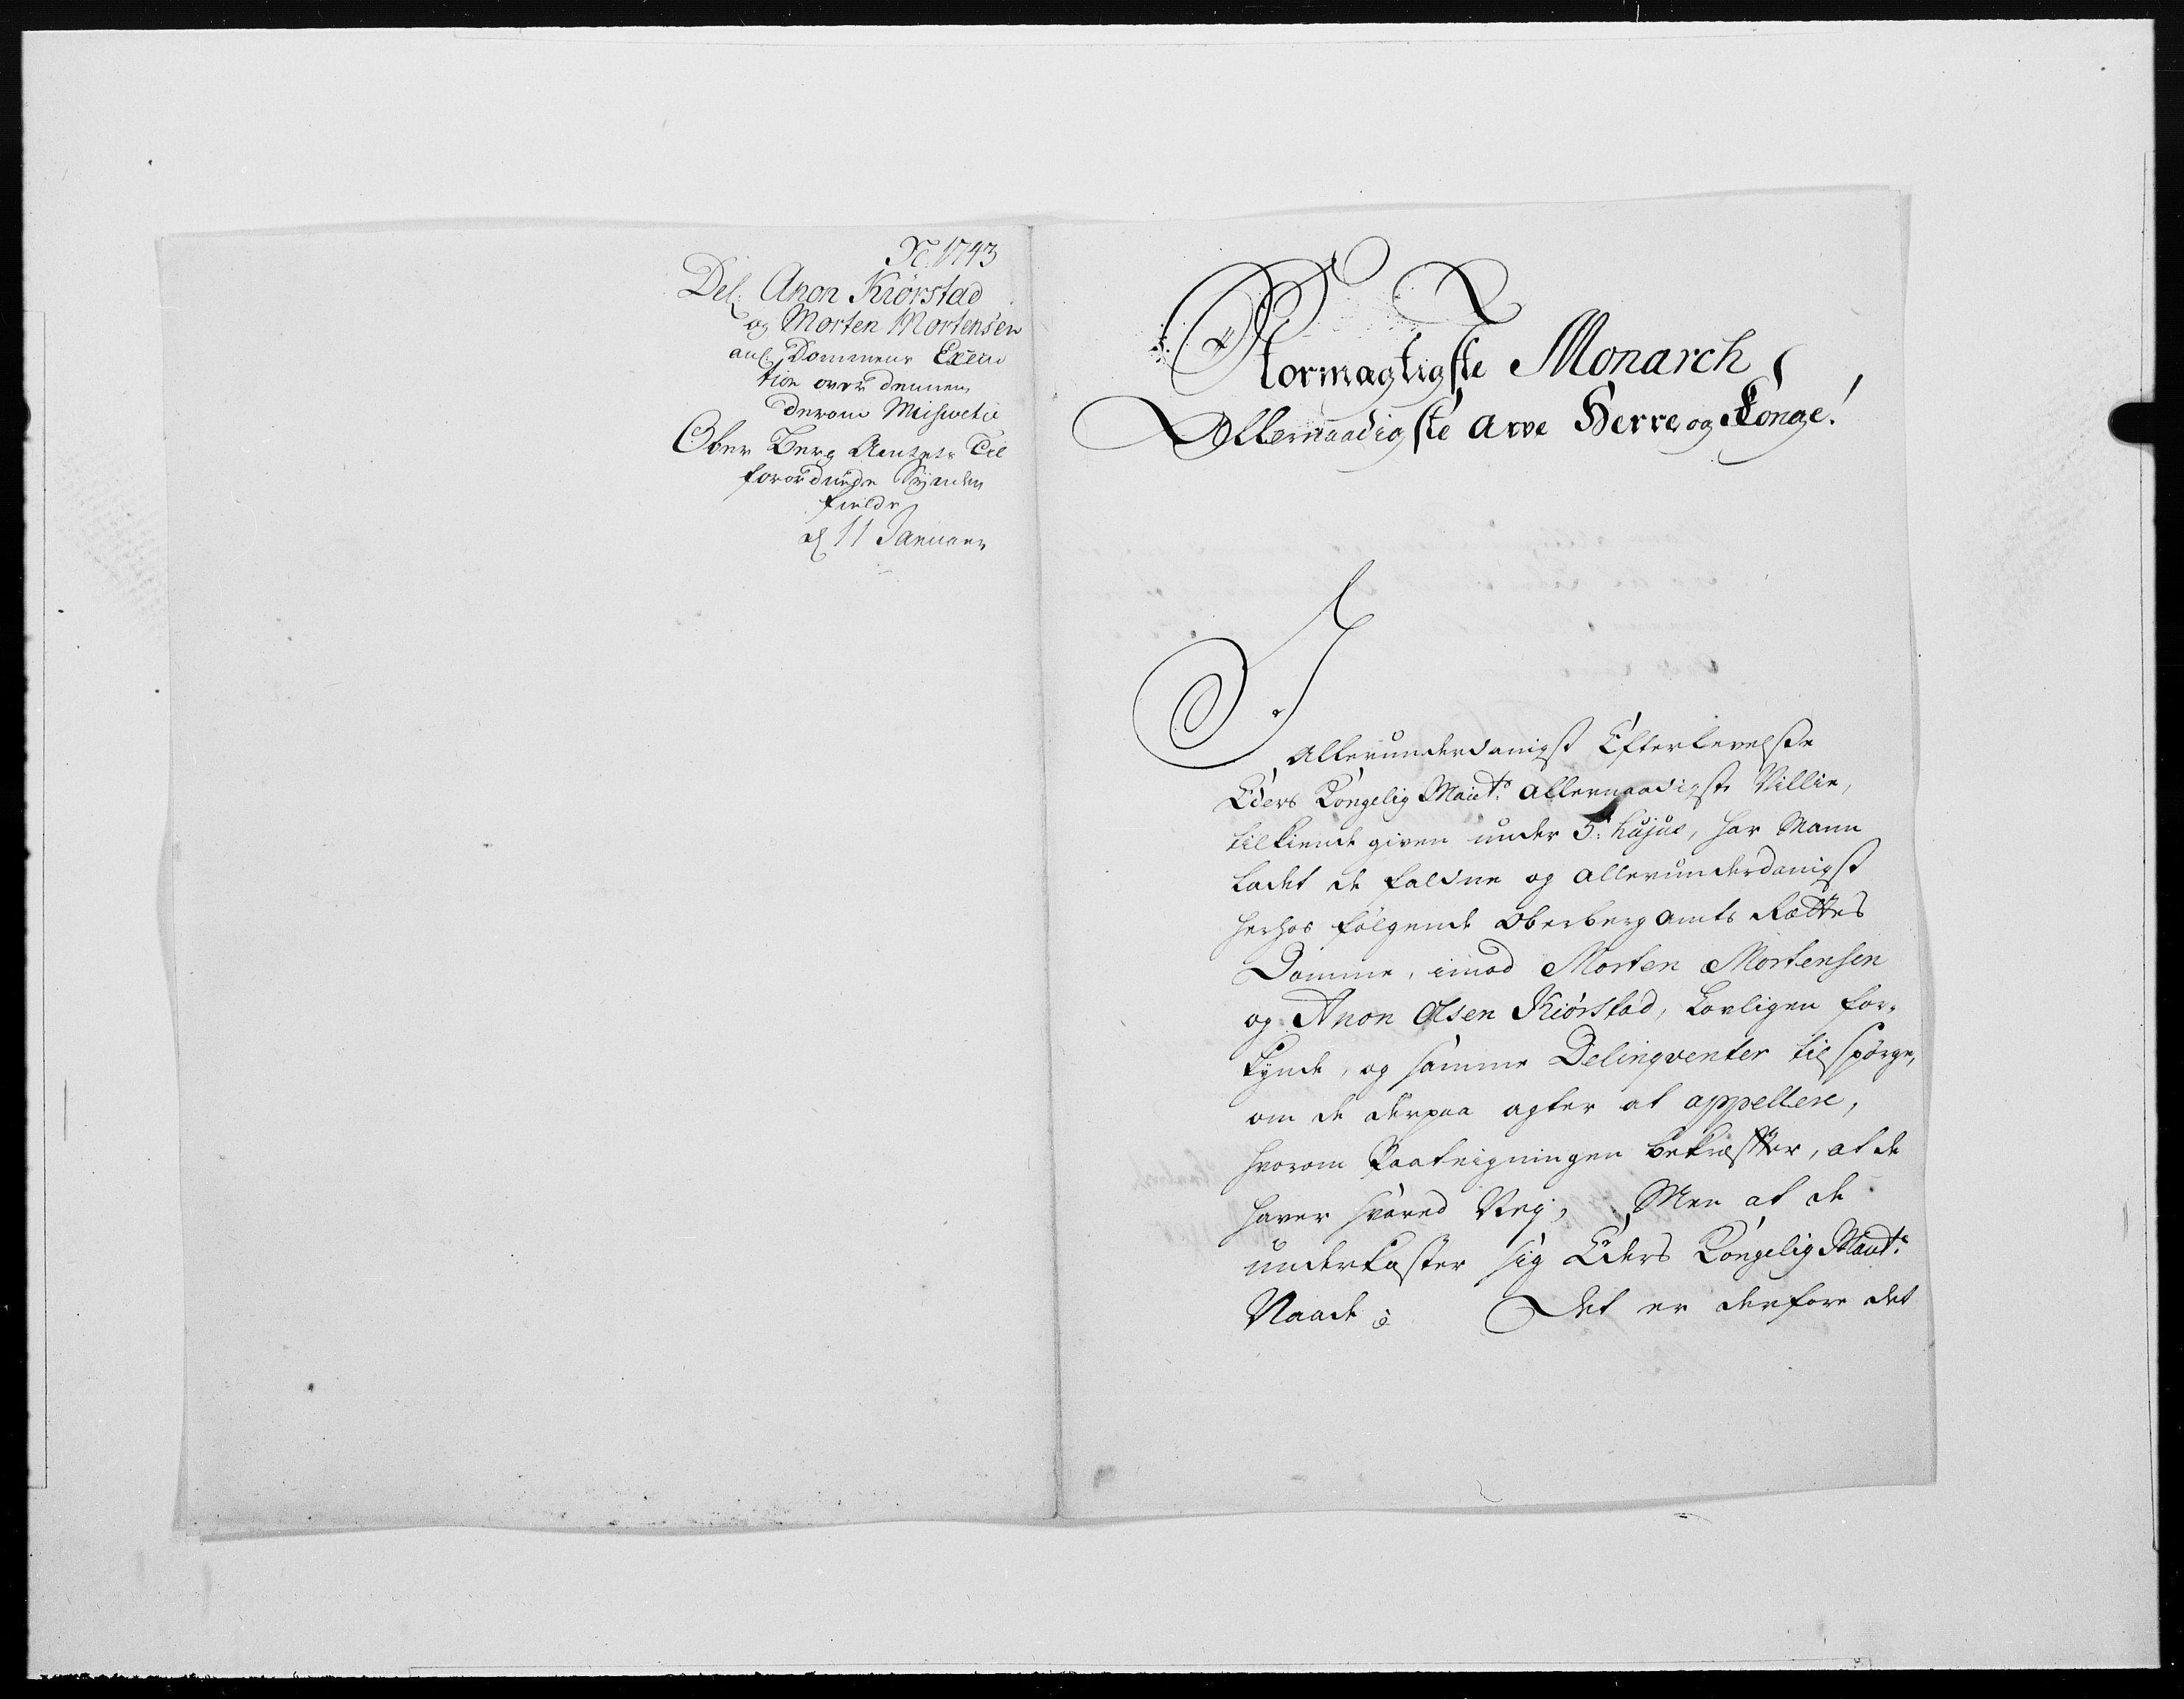 RA, Danske Kanselli 1572-1799, F/Fc/Fcc/Fcca/L0137: Norske innlegg 1572-1799, 1743, s. 31